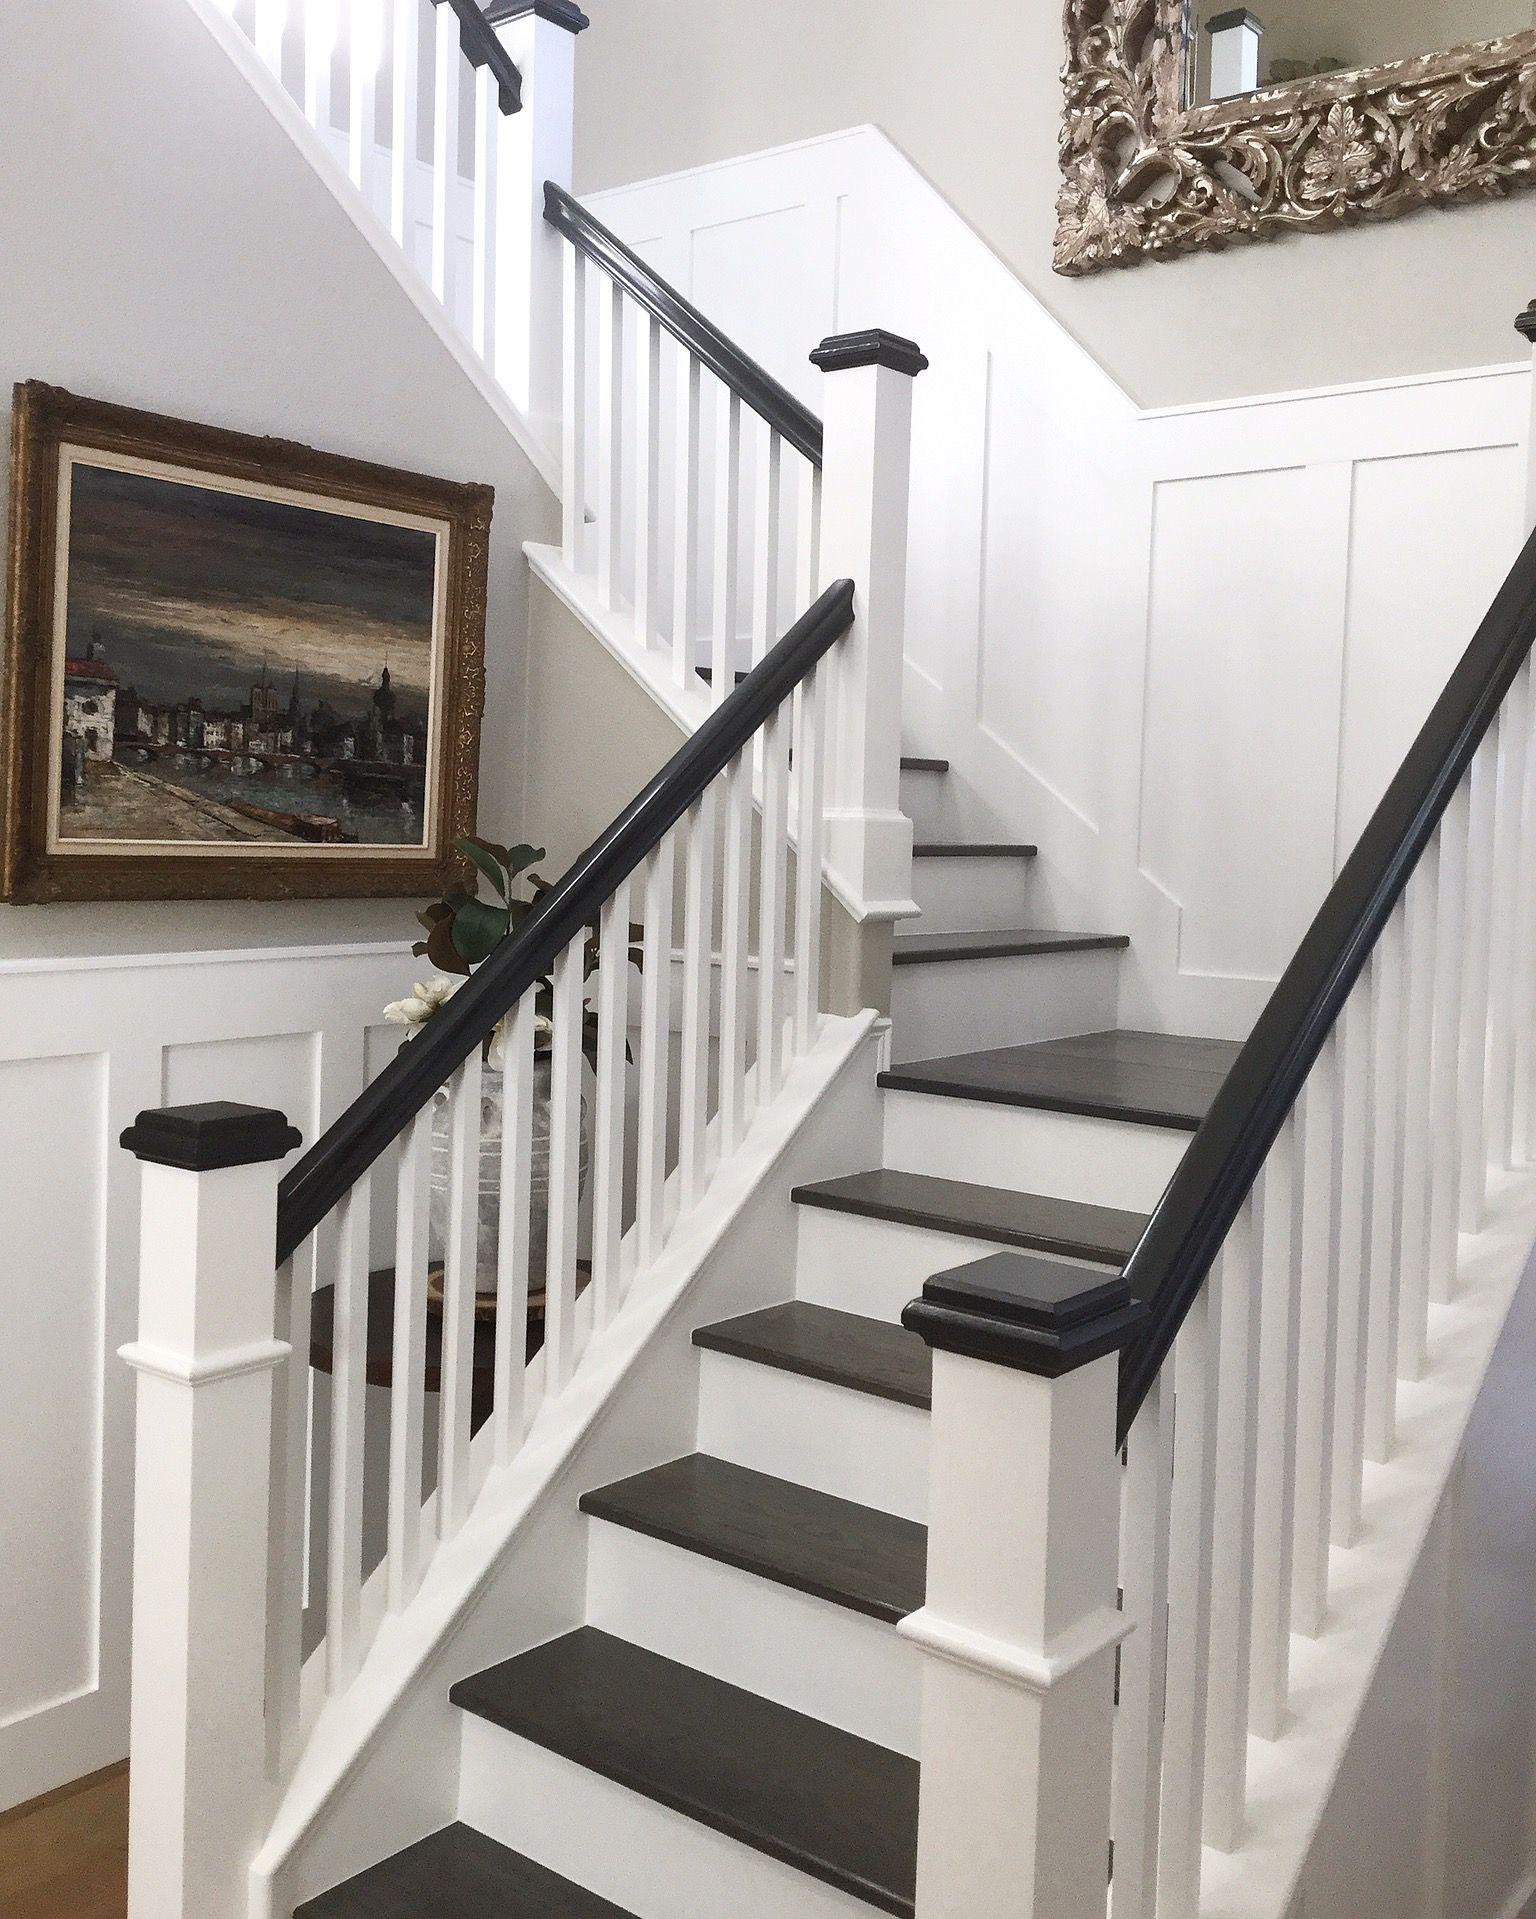 Staircase millwork board and batten interior design home decor ...